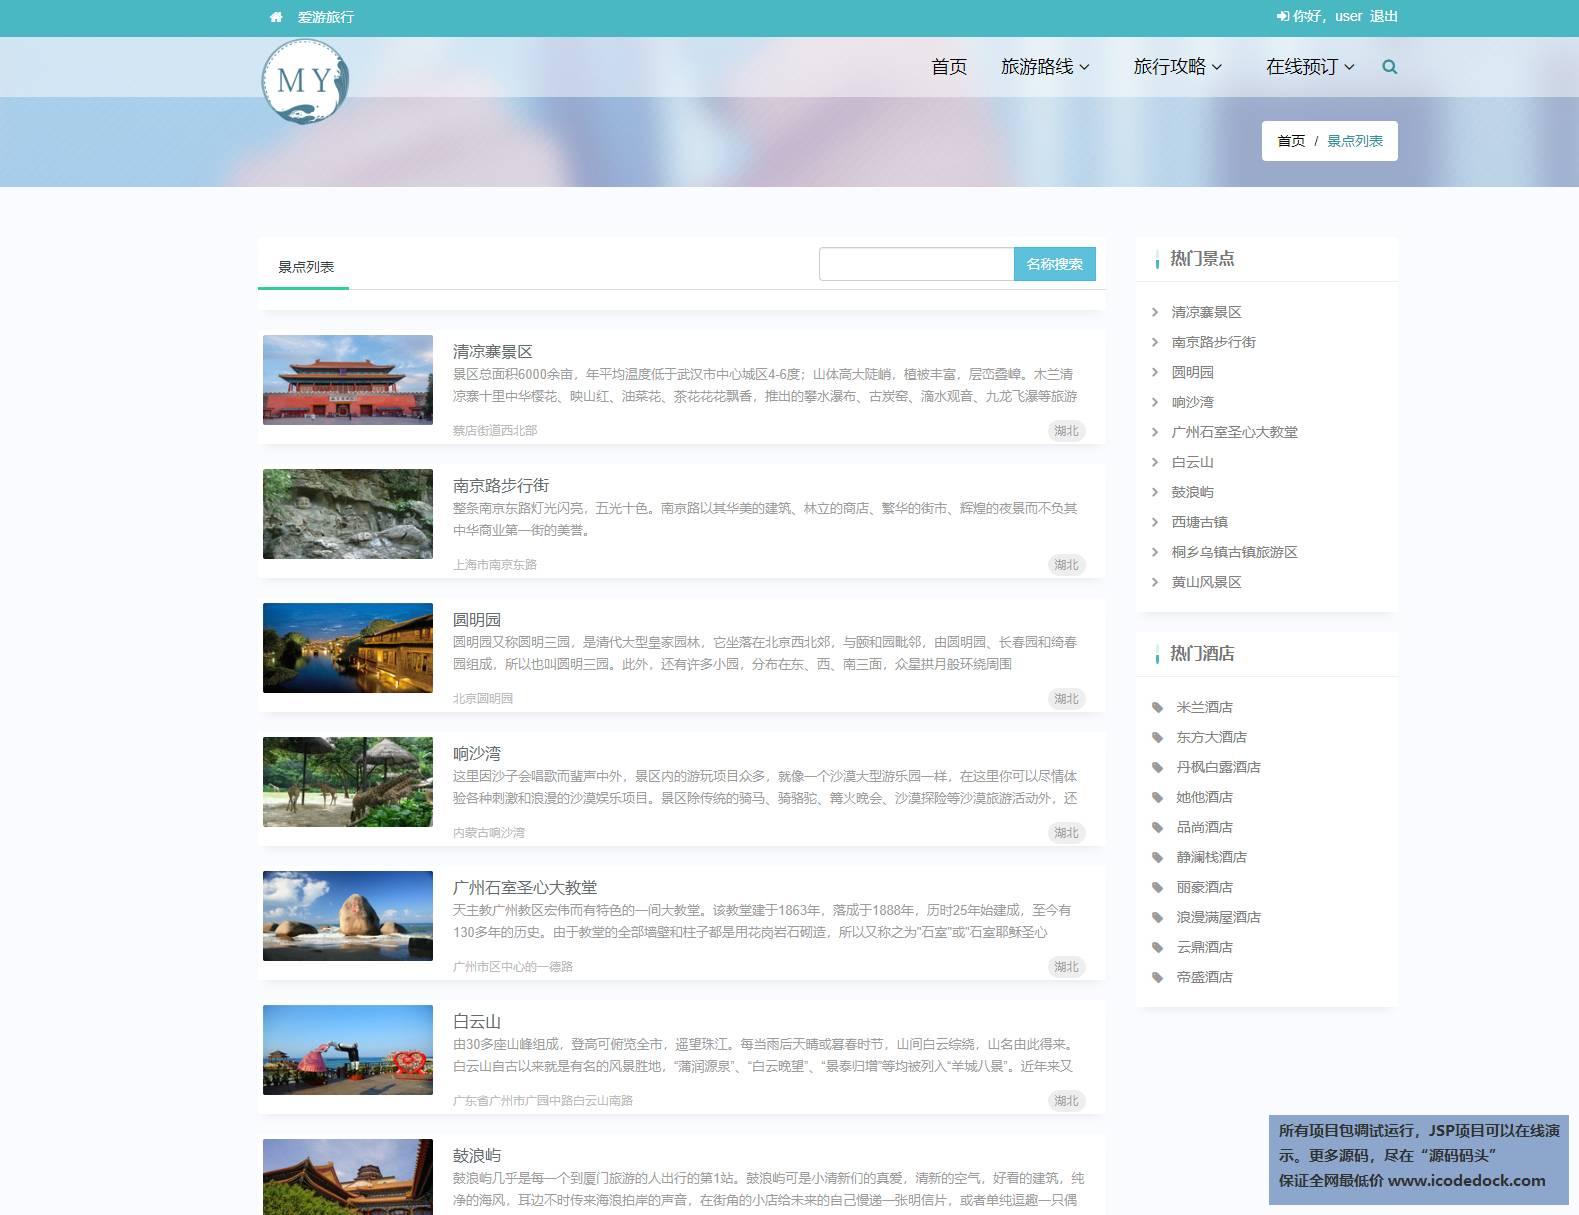 源码码头-SpringBoot旅游综合服务平台-用户角色-景点预定